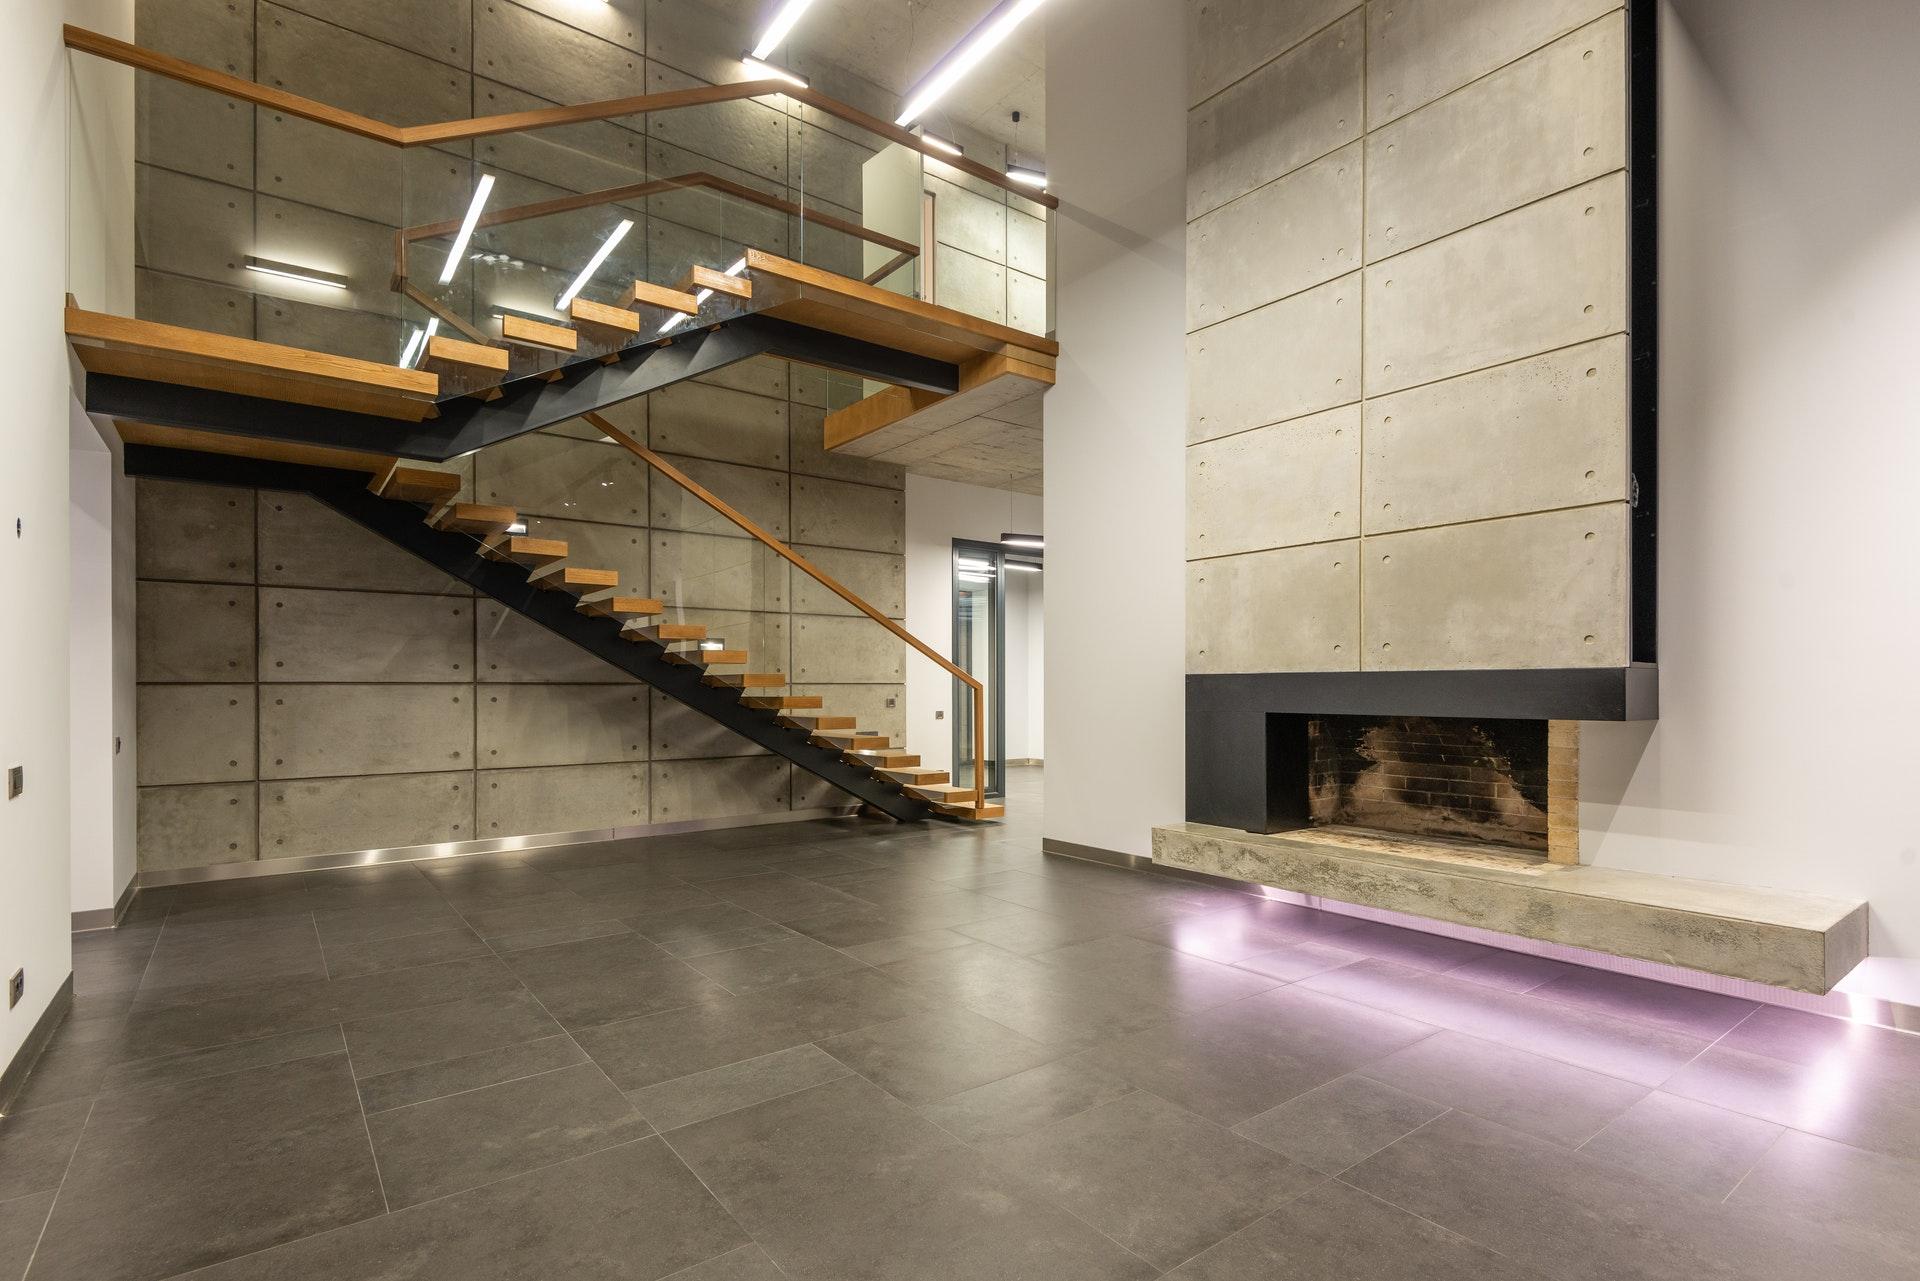 le choix de la couleur des murs en fonction de la nuance grisatre du carrelage